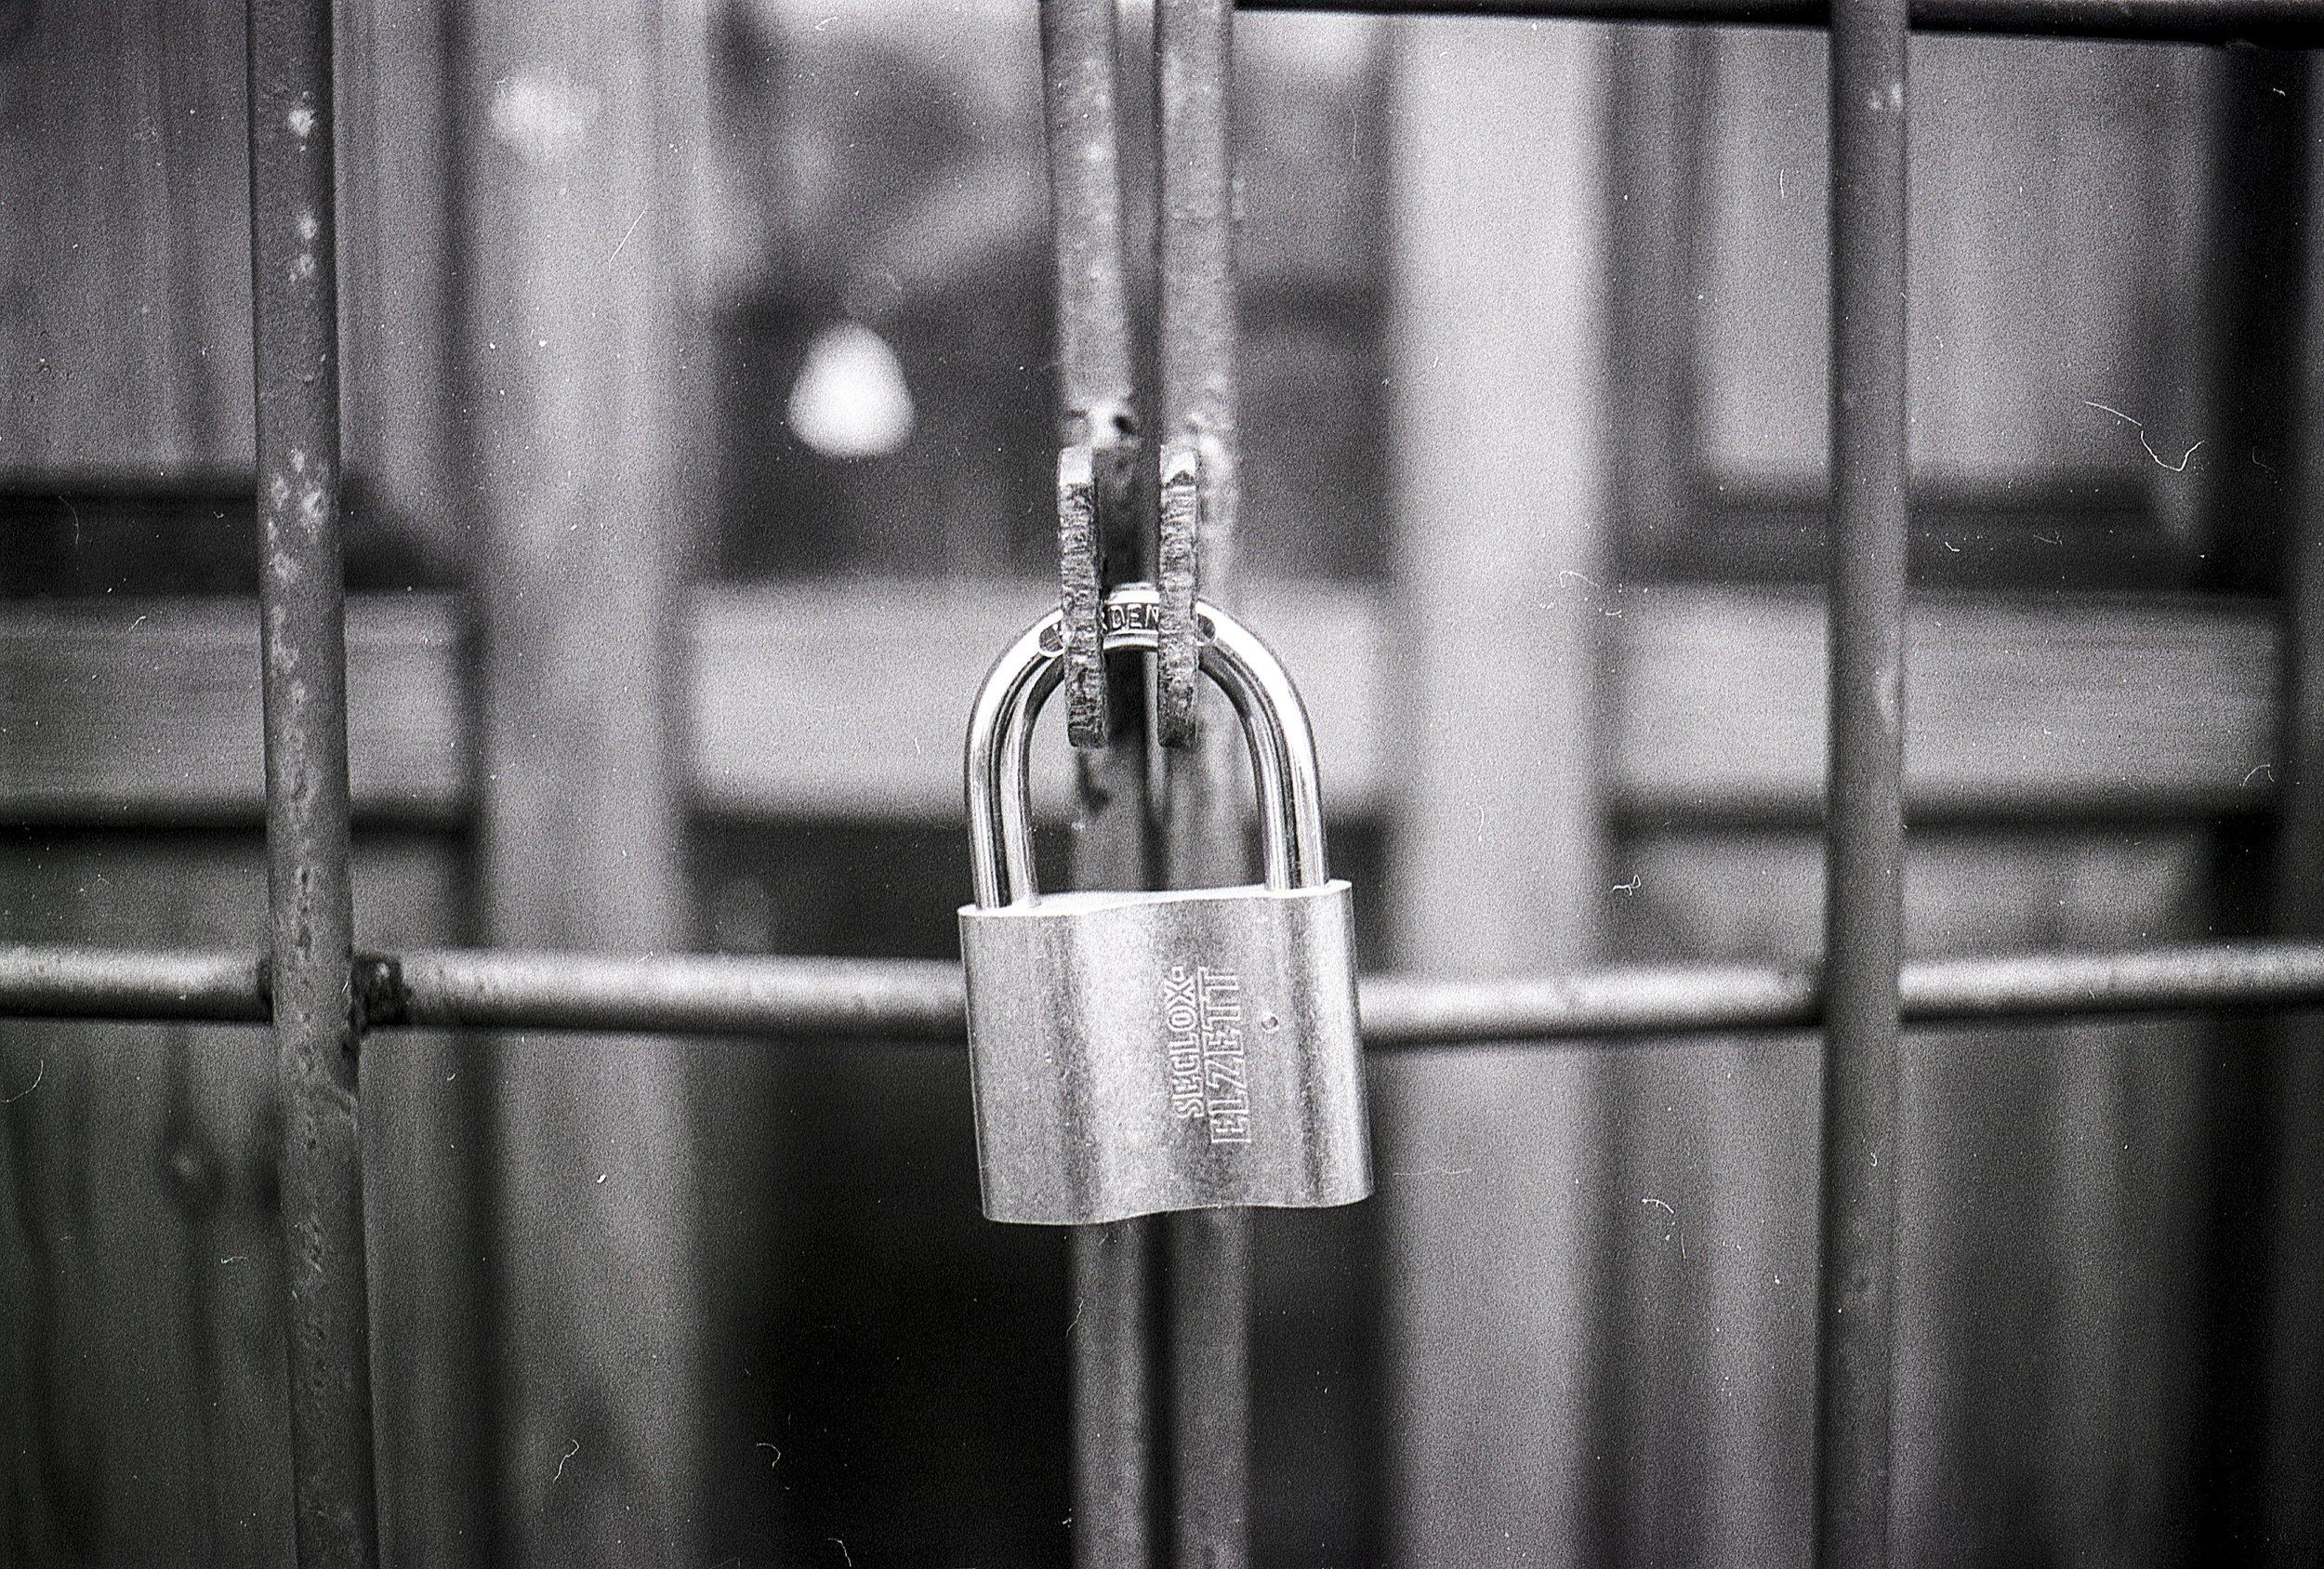 access-black-and-white-blur-270514.jpg